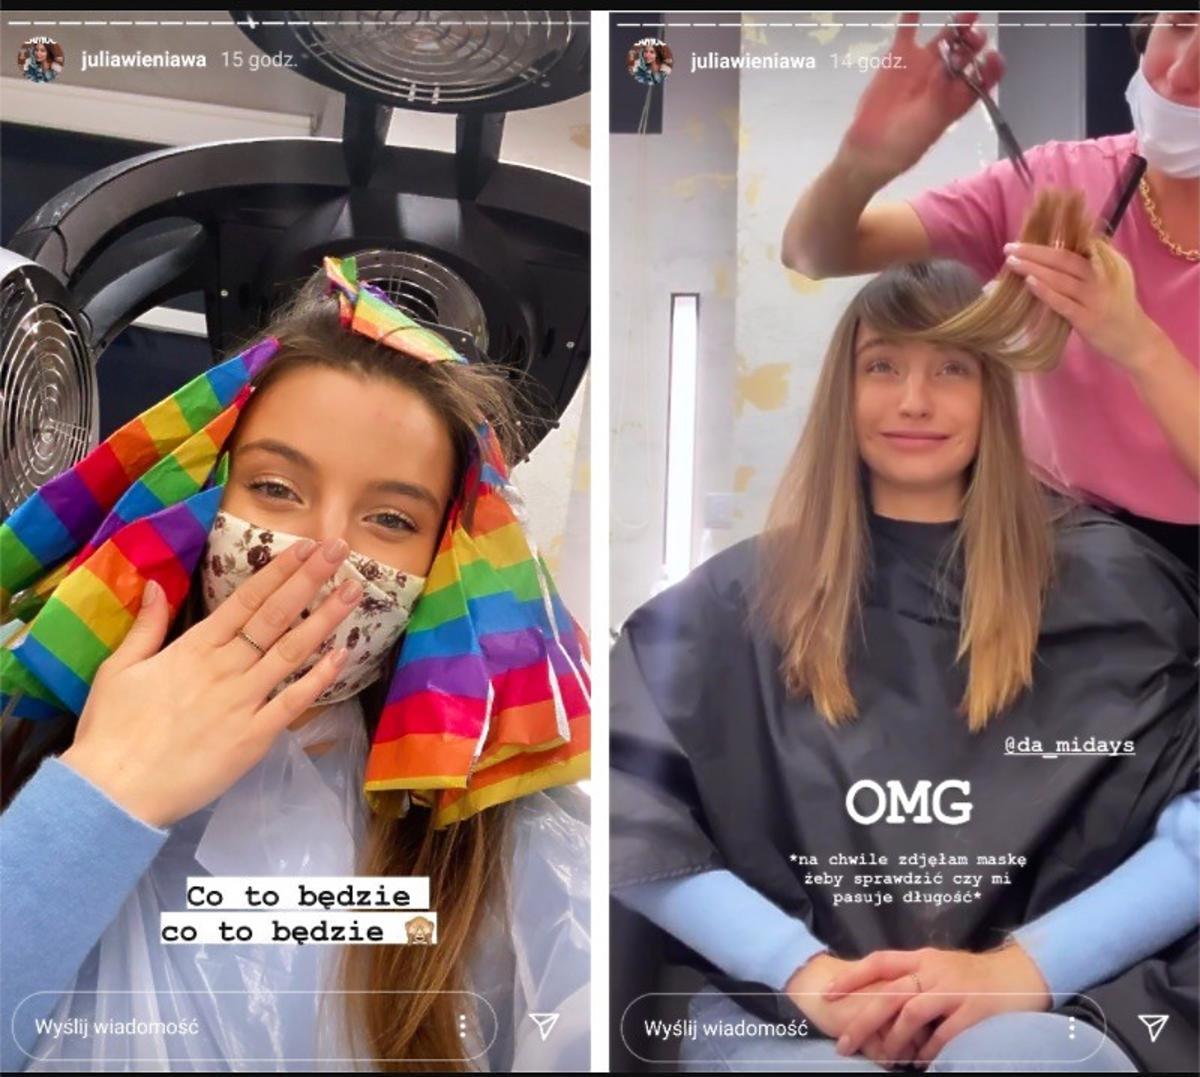 Julia Wieniawa u fryzjera - zmienia kolor włosów